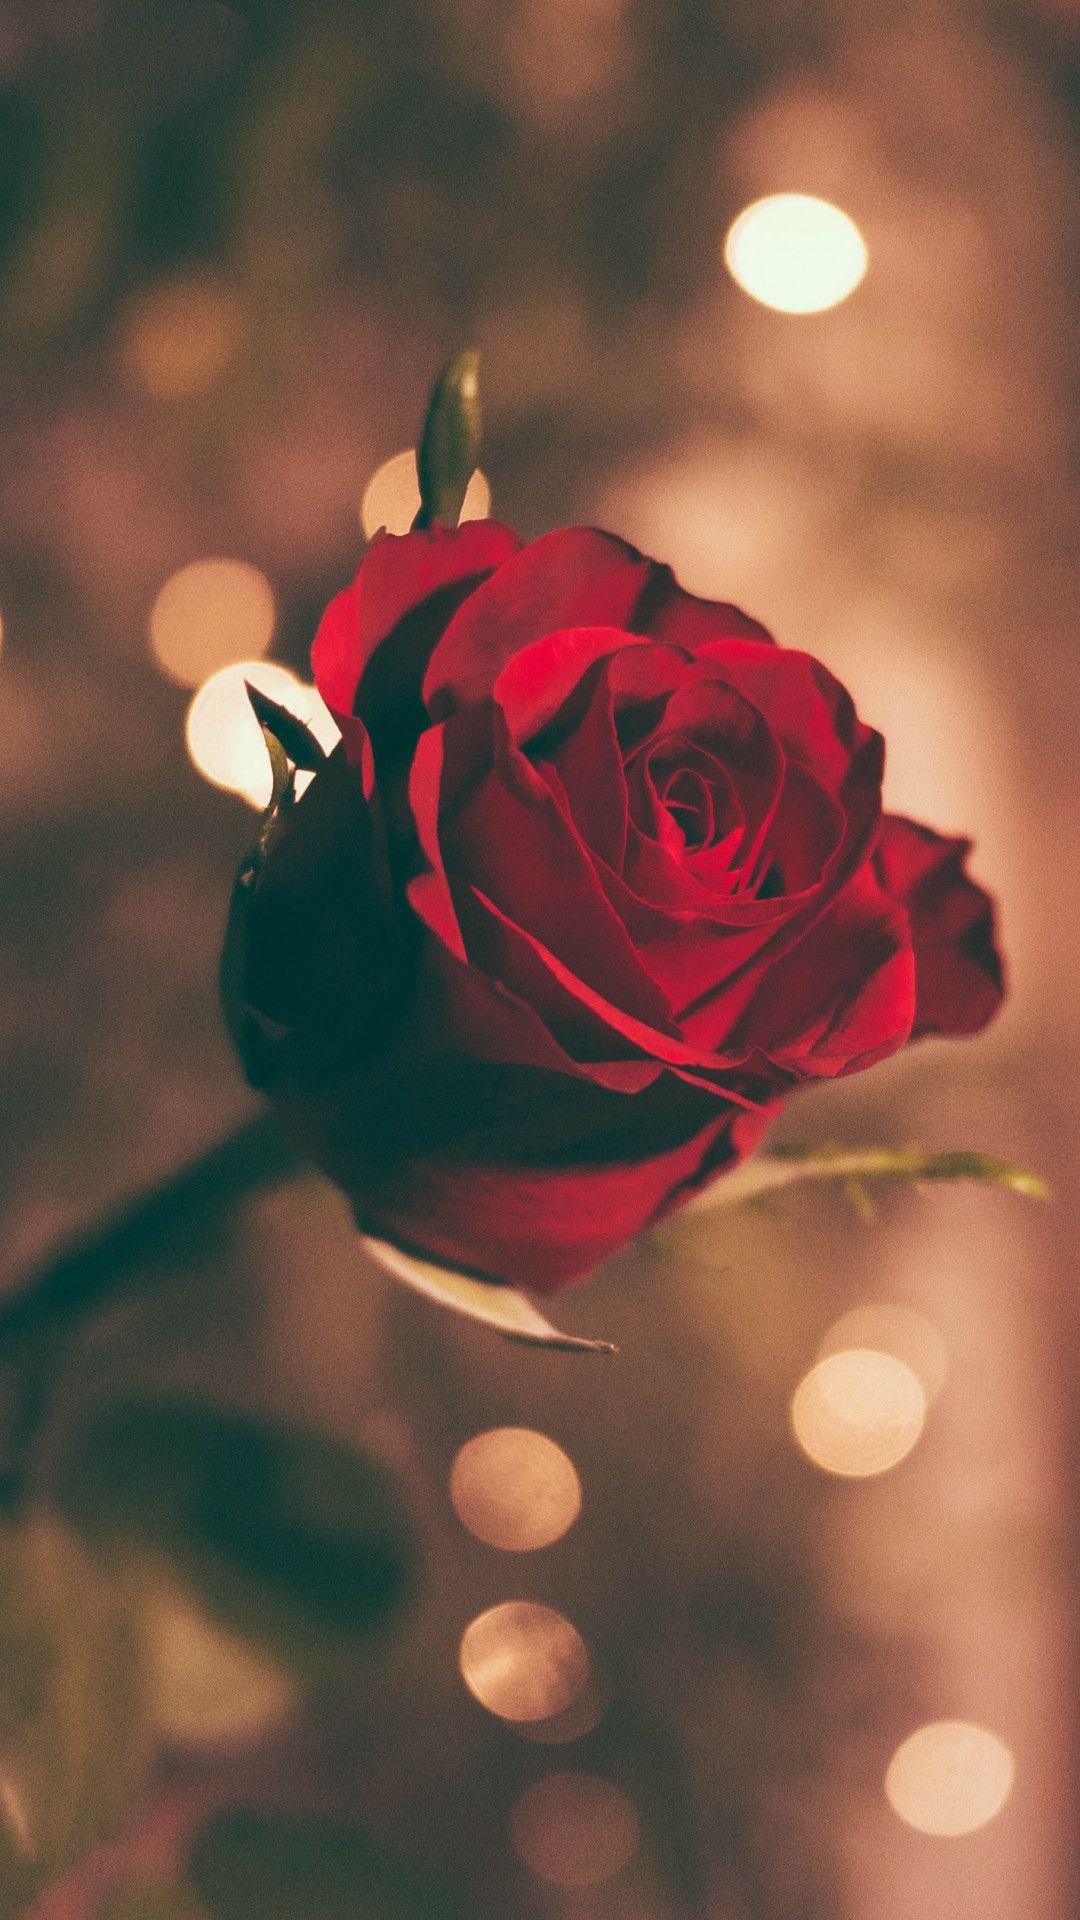 一本のバラの花 Iphonex スマホ壁紙 待受画像ギャラリー バラの壁紙 壁紙 薔薇 バラ 赤